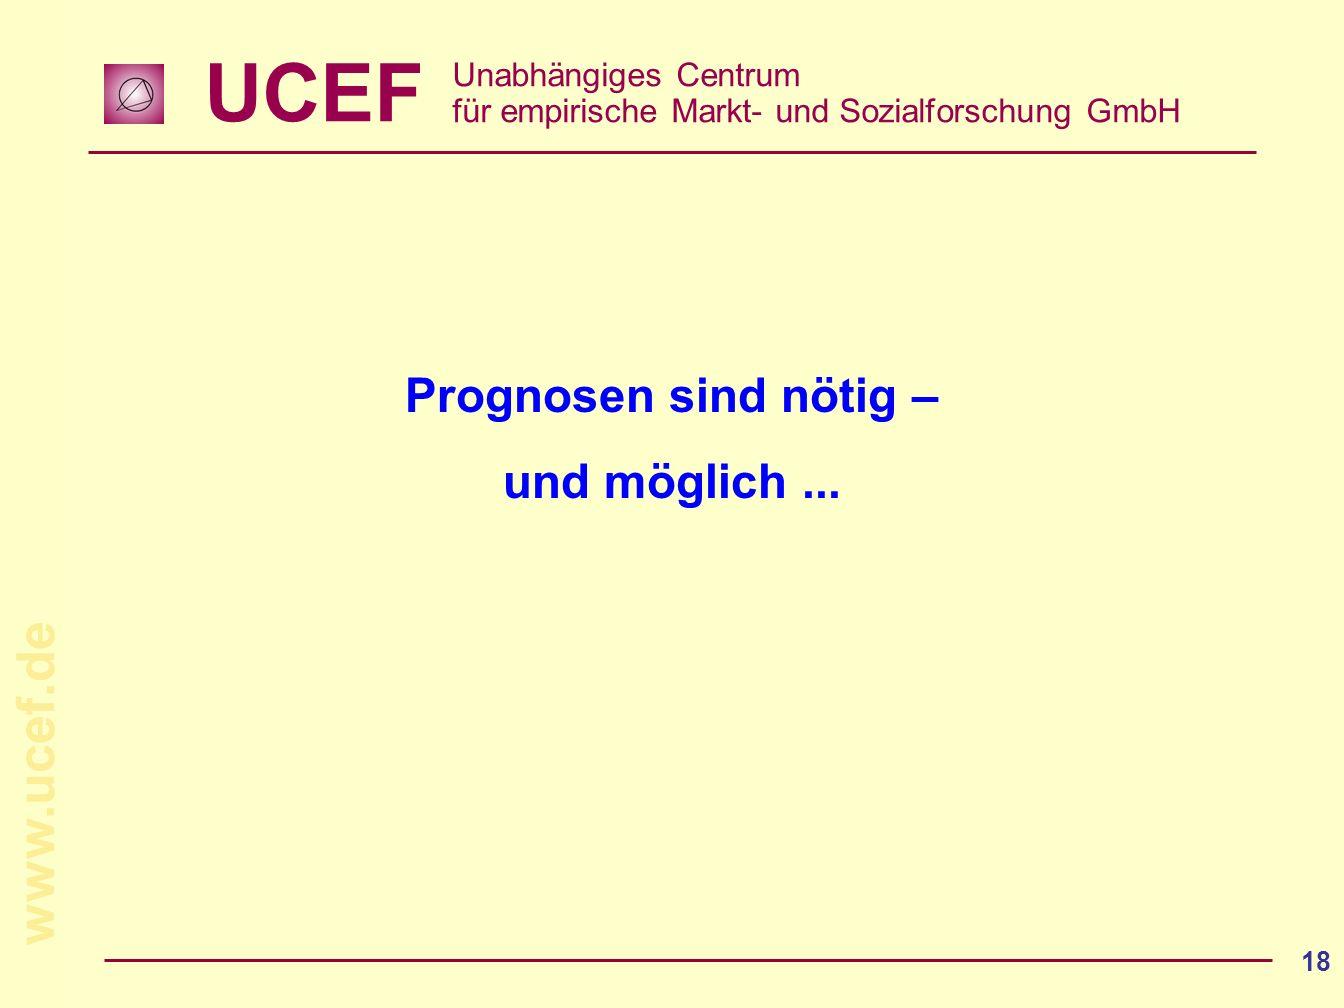 UCEF Unabhängiges Centrum für empirische Markt- und Sozialforschung GmbH www.ucef.de 18 Prognosen sind nötig – und möglich...